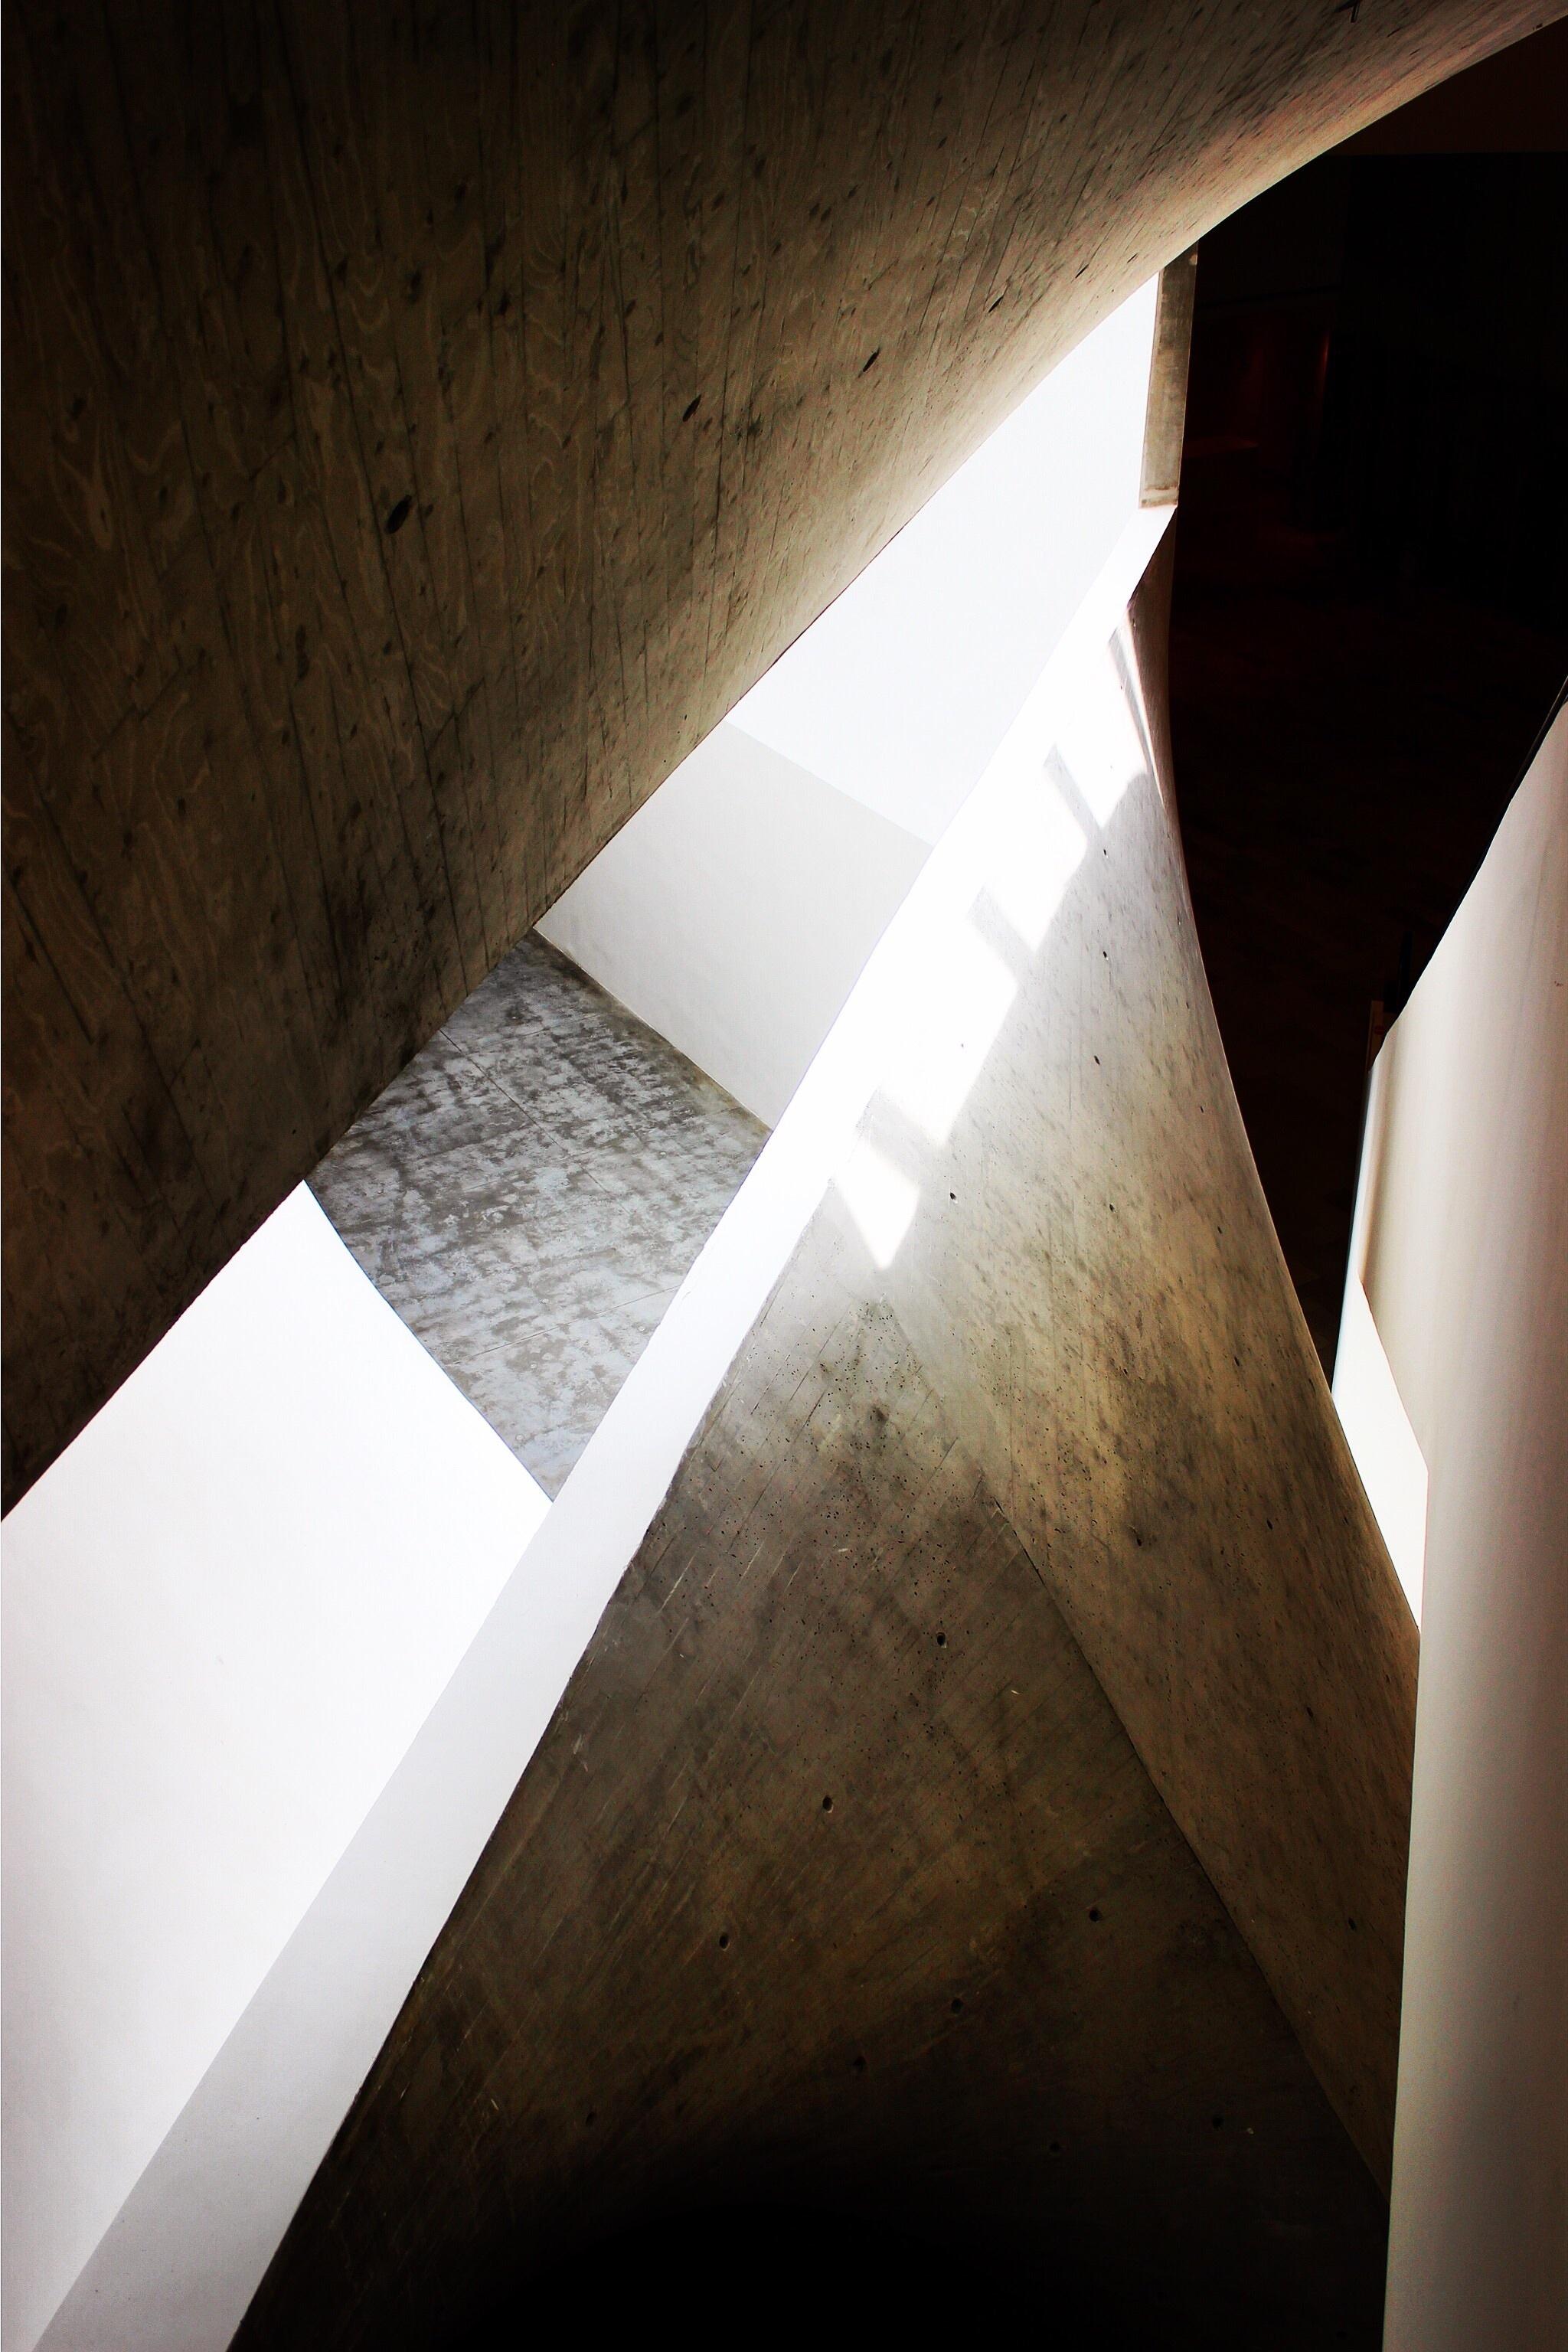 무료 이미지 : 빛, 건축물, 목재, 화이트, 집, 바닥, 건물, 벽, 천장 ...